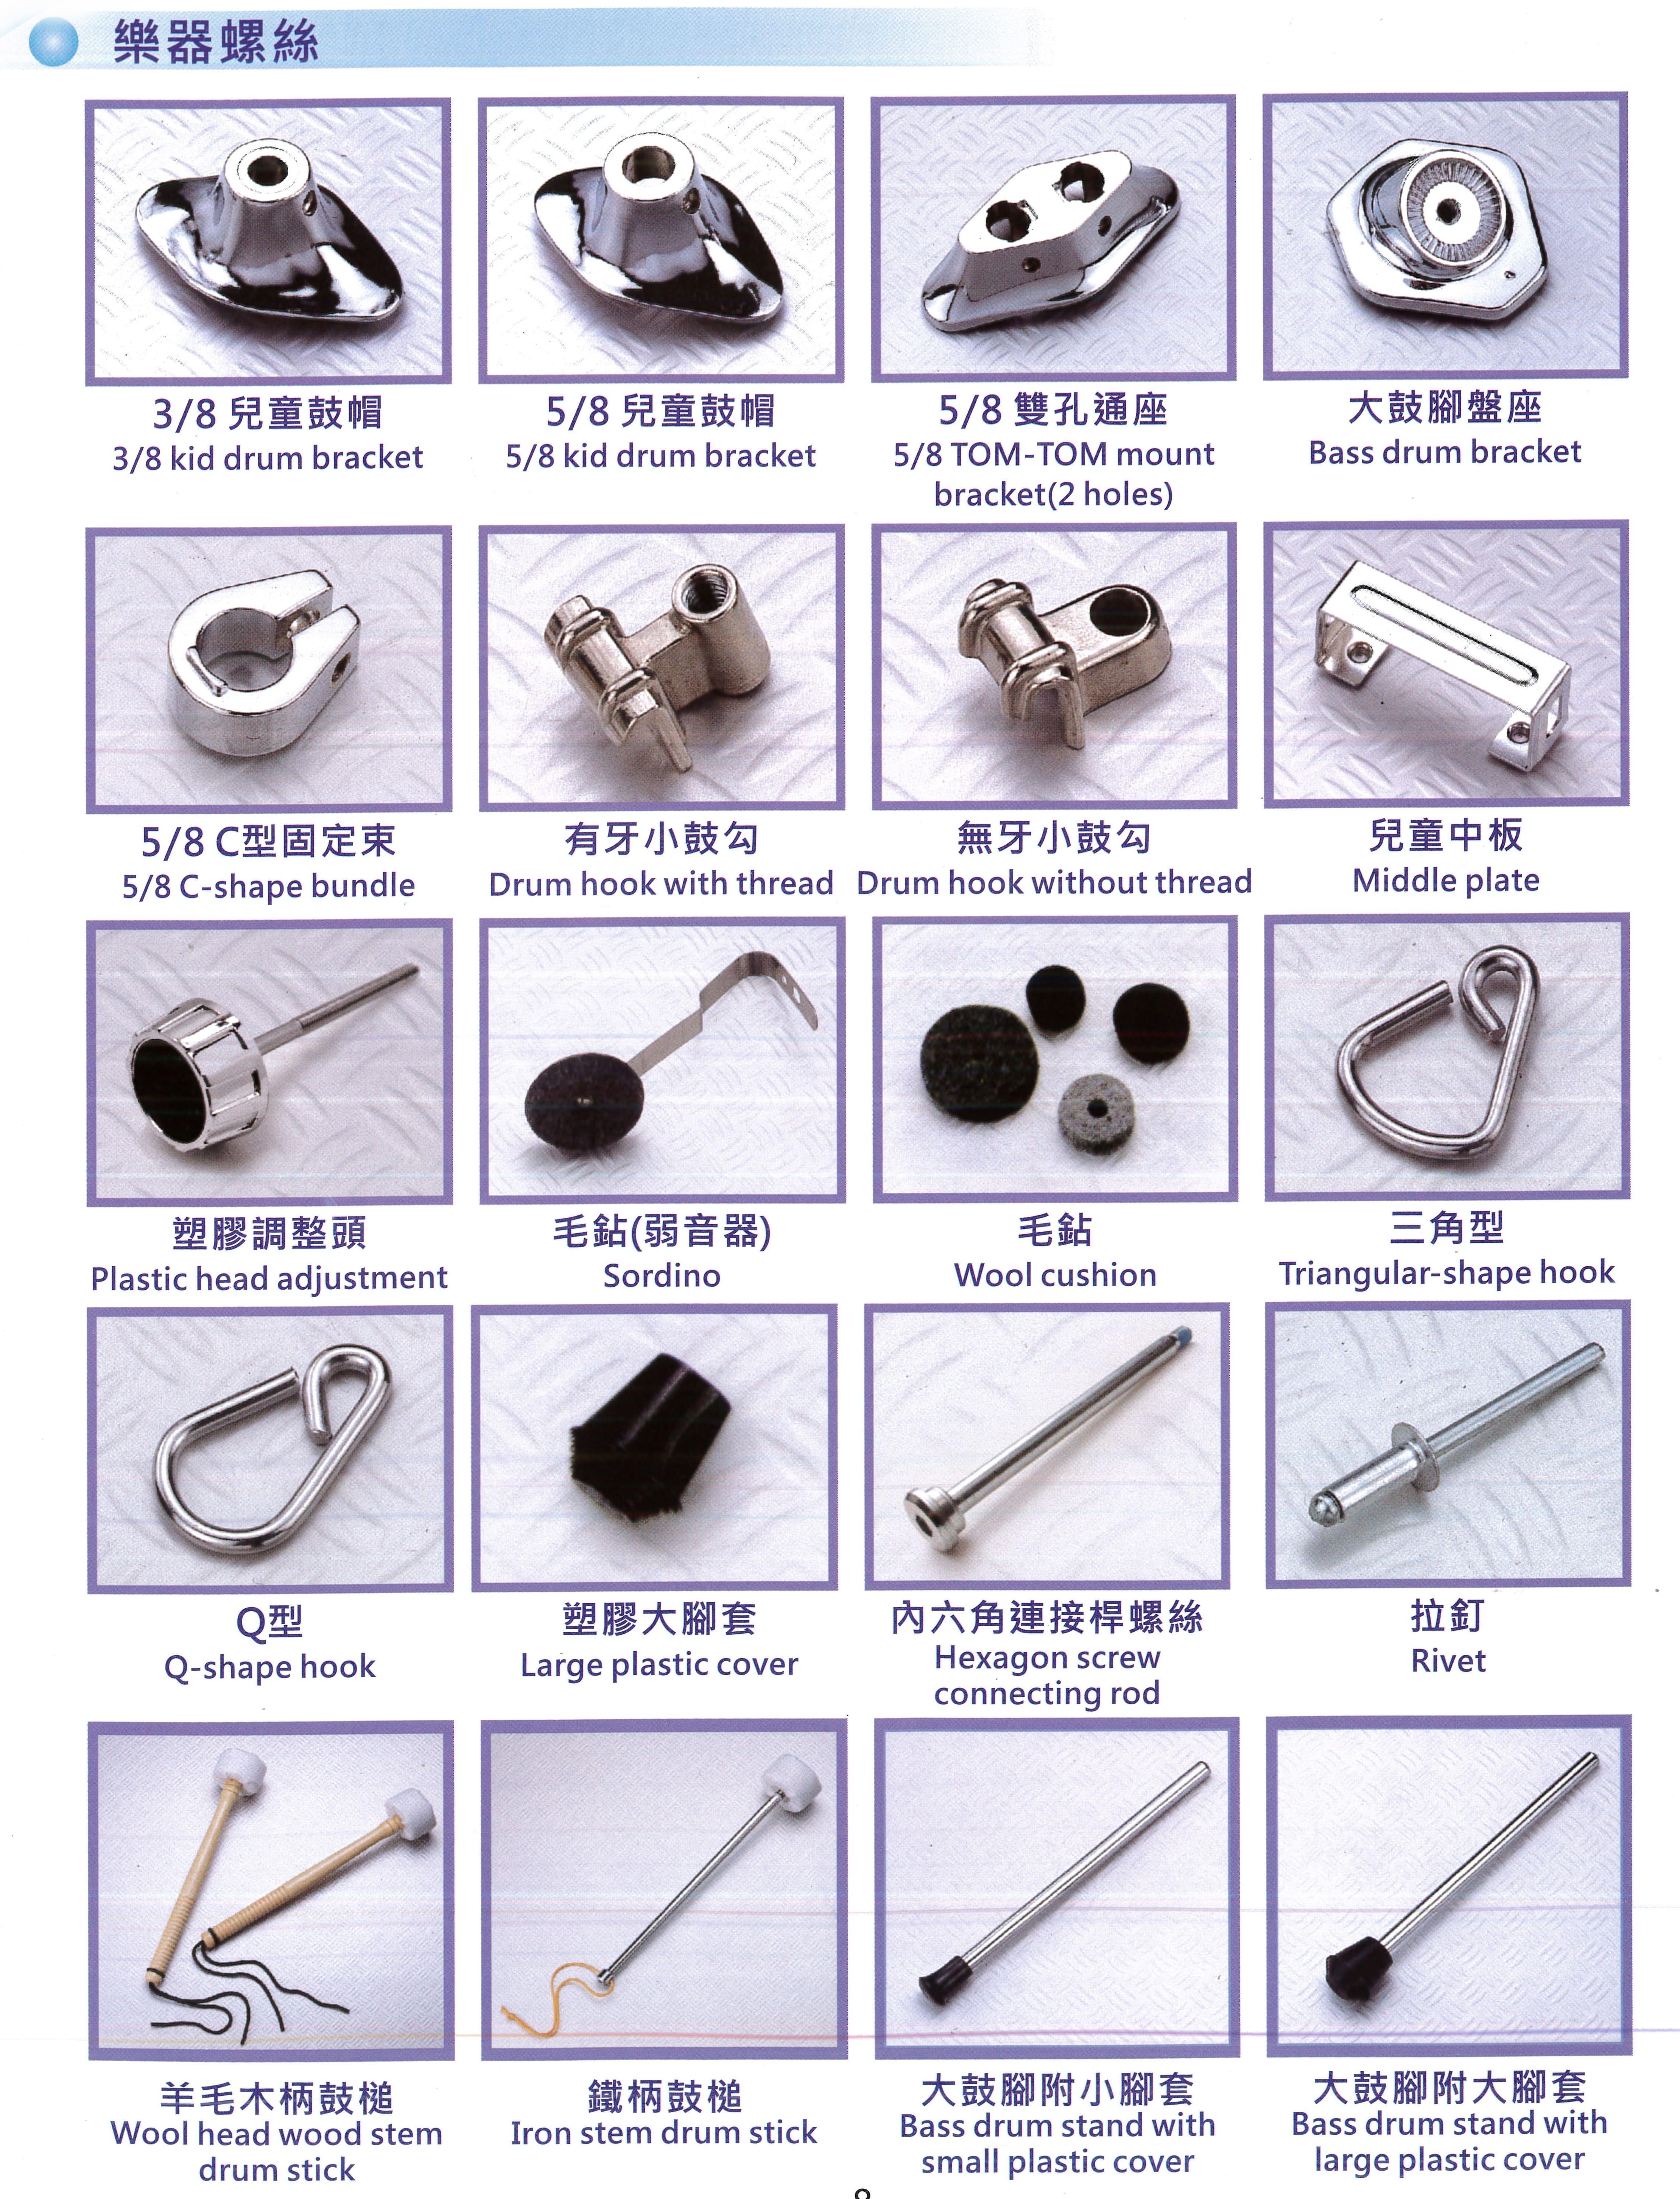 樂器螺絲-1.jpg